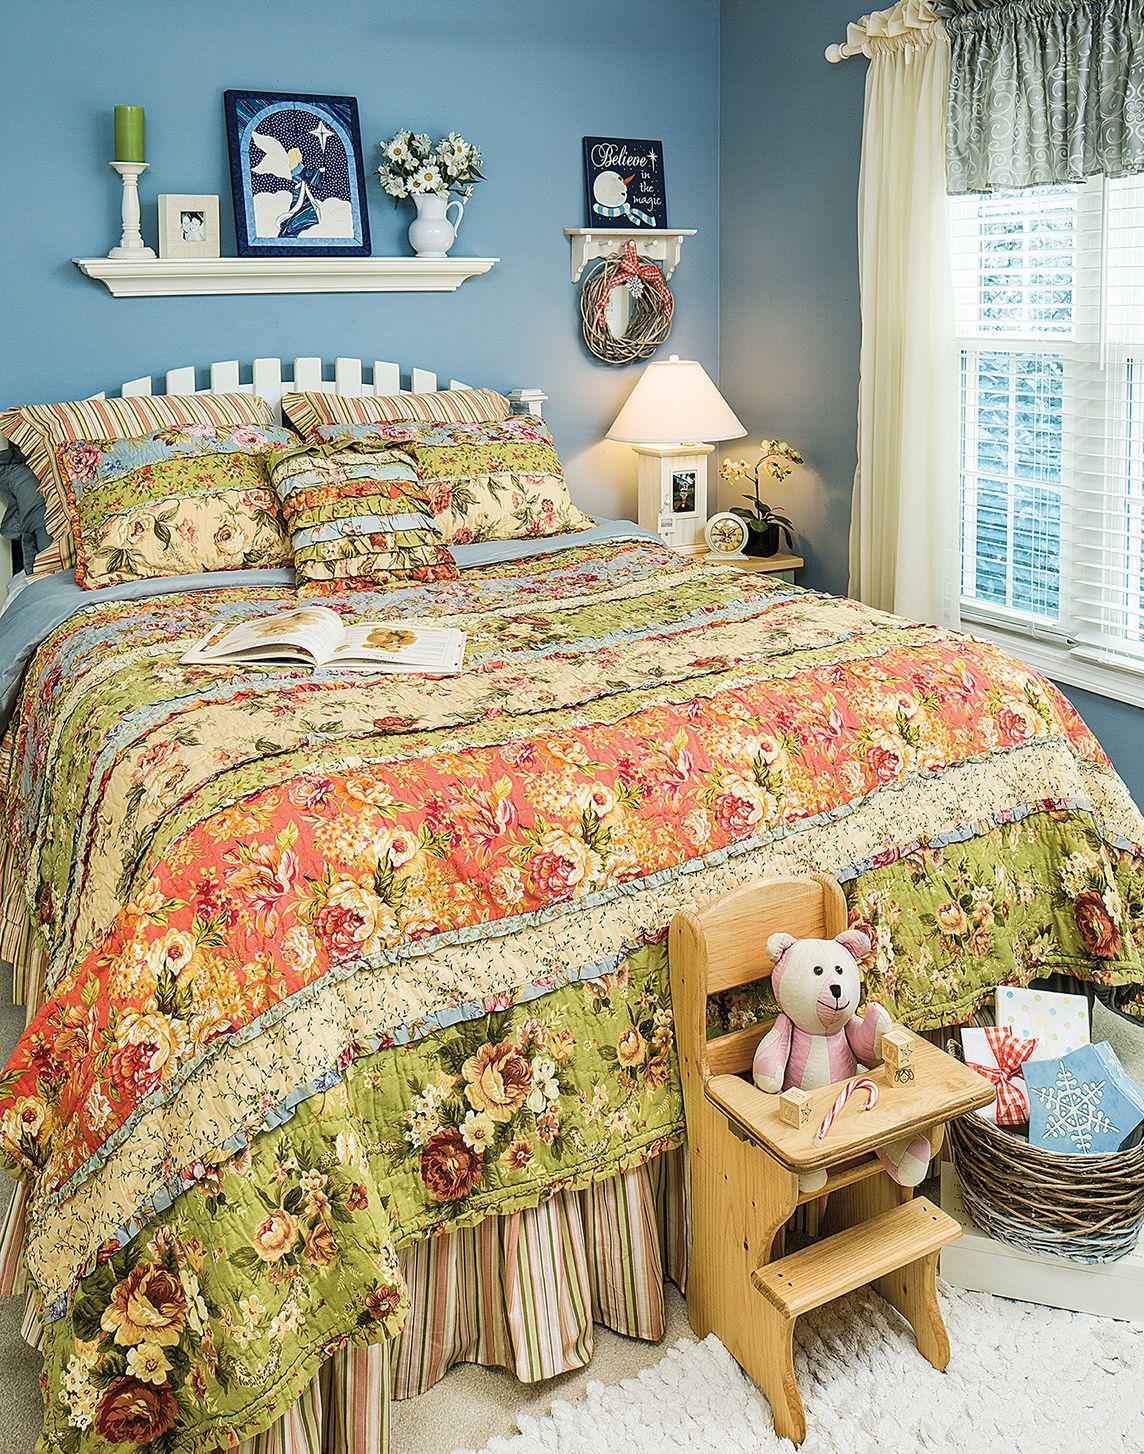 Garden Dream Ruffled Rag Quilt Home Decor Cozy House Home